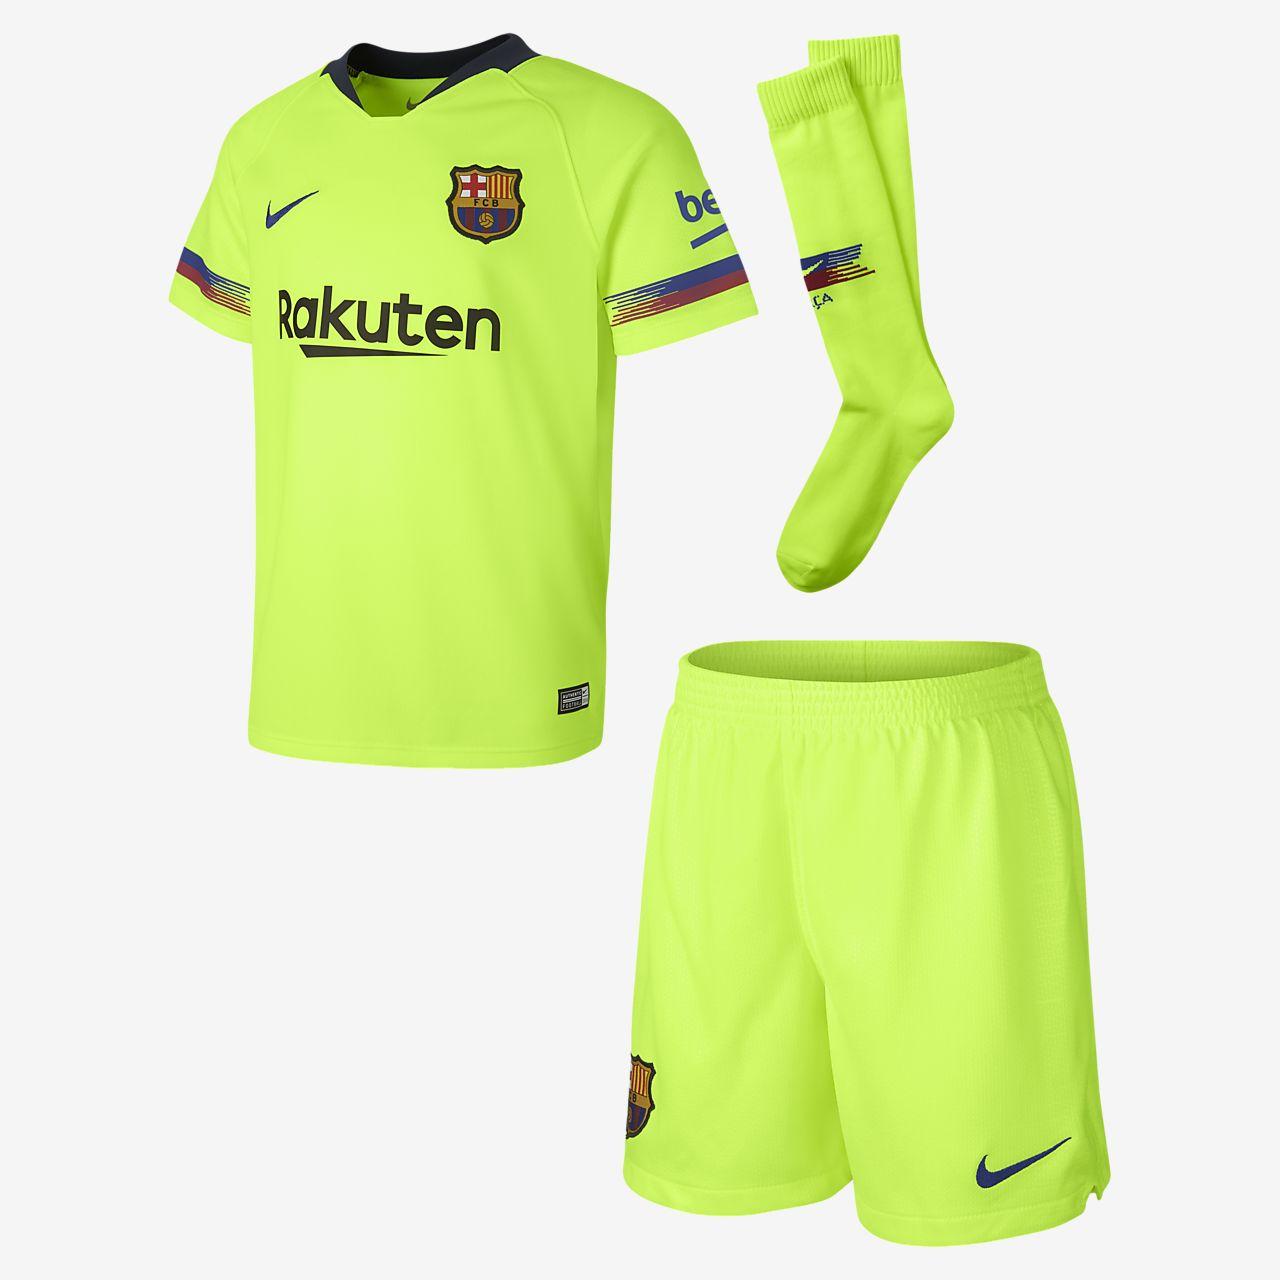 Ποδοσφαιρικό σετ 2018/19 FC Barcelona Stadium Away για μικρά παιδιά